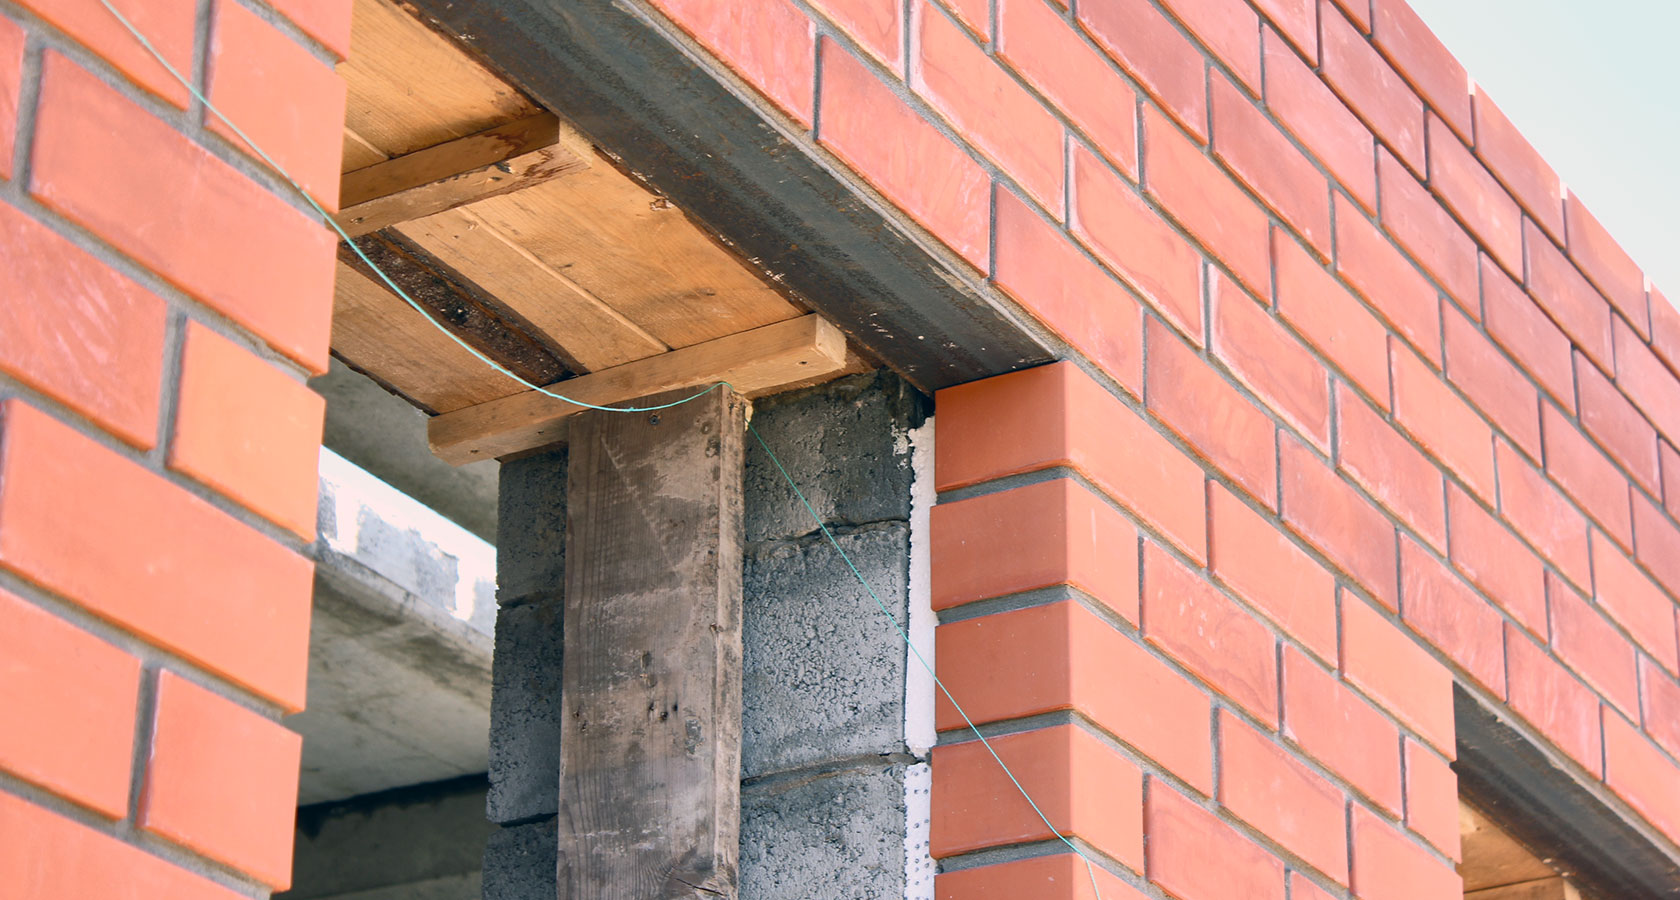 Что такое перемычка в строительстве. Устройство перемычек в кирпичных стенах: полезная информация для начинающих строителей